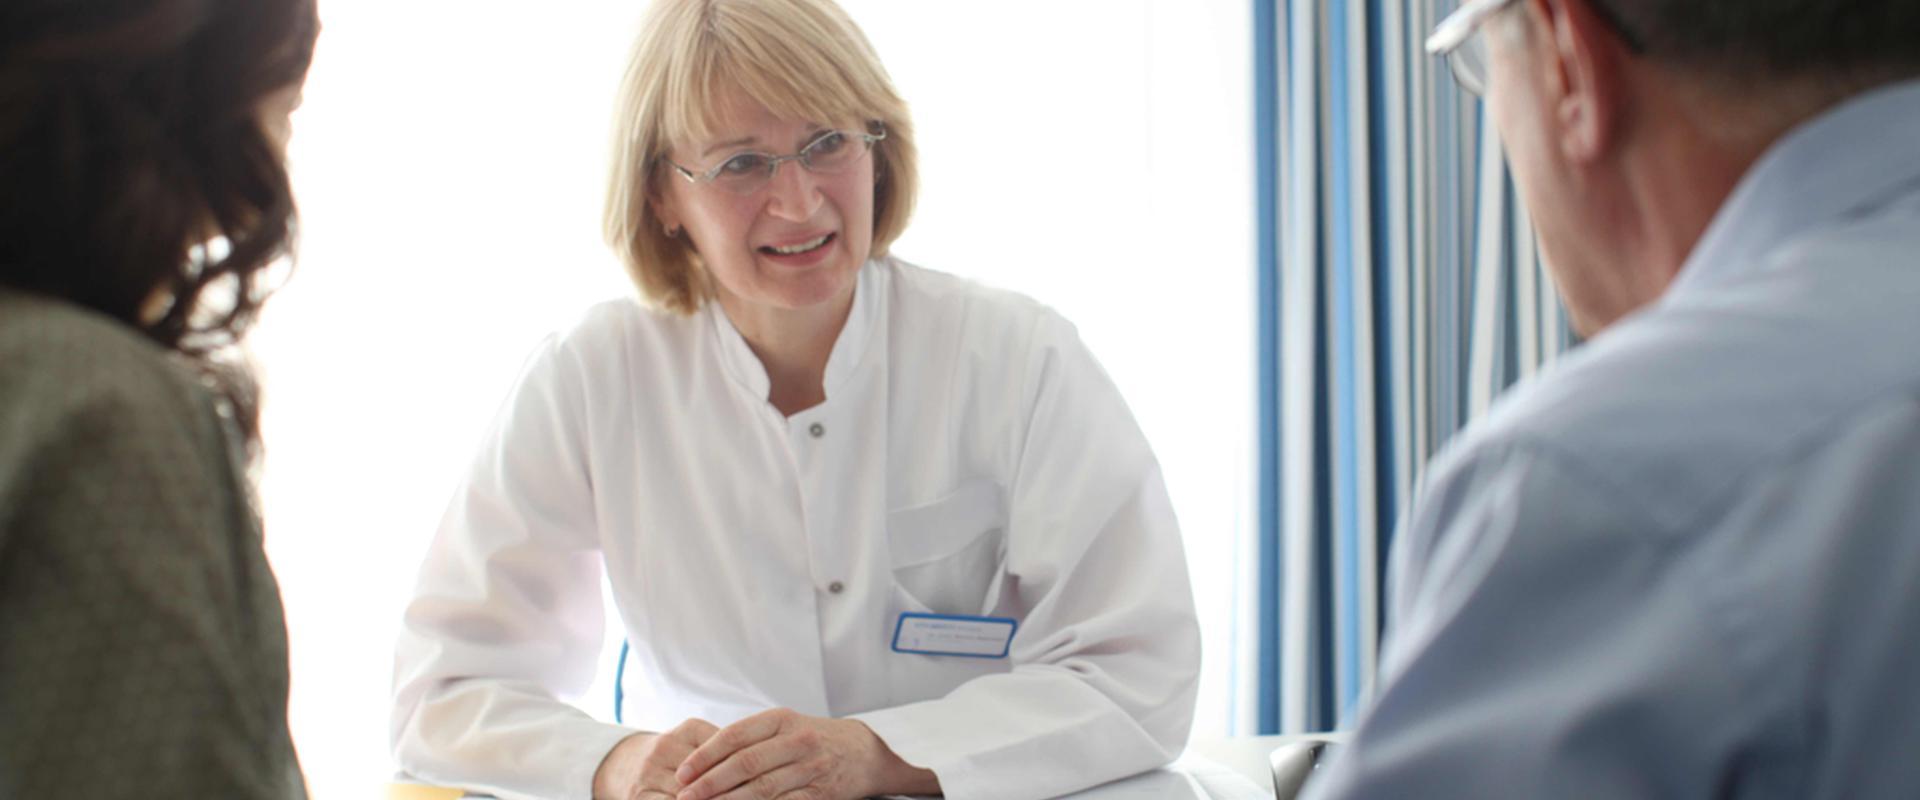 Ärztin im Gespräch mit Patienten in der MEDIAN Klinik Bad Colberg